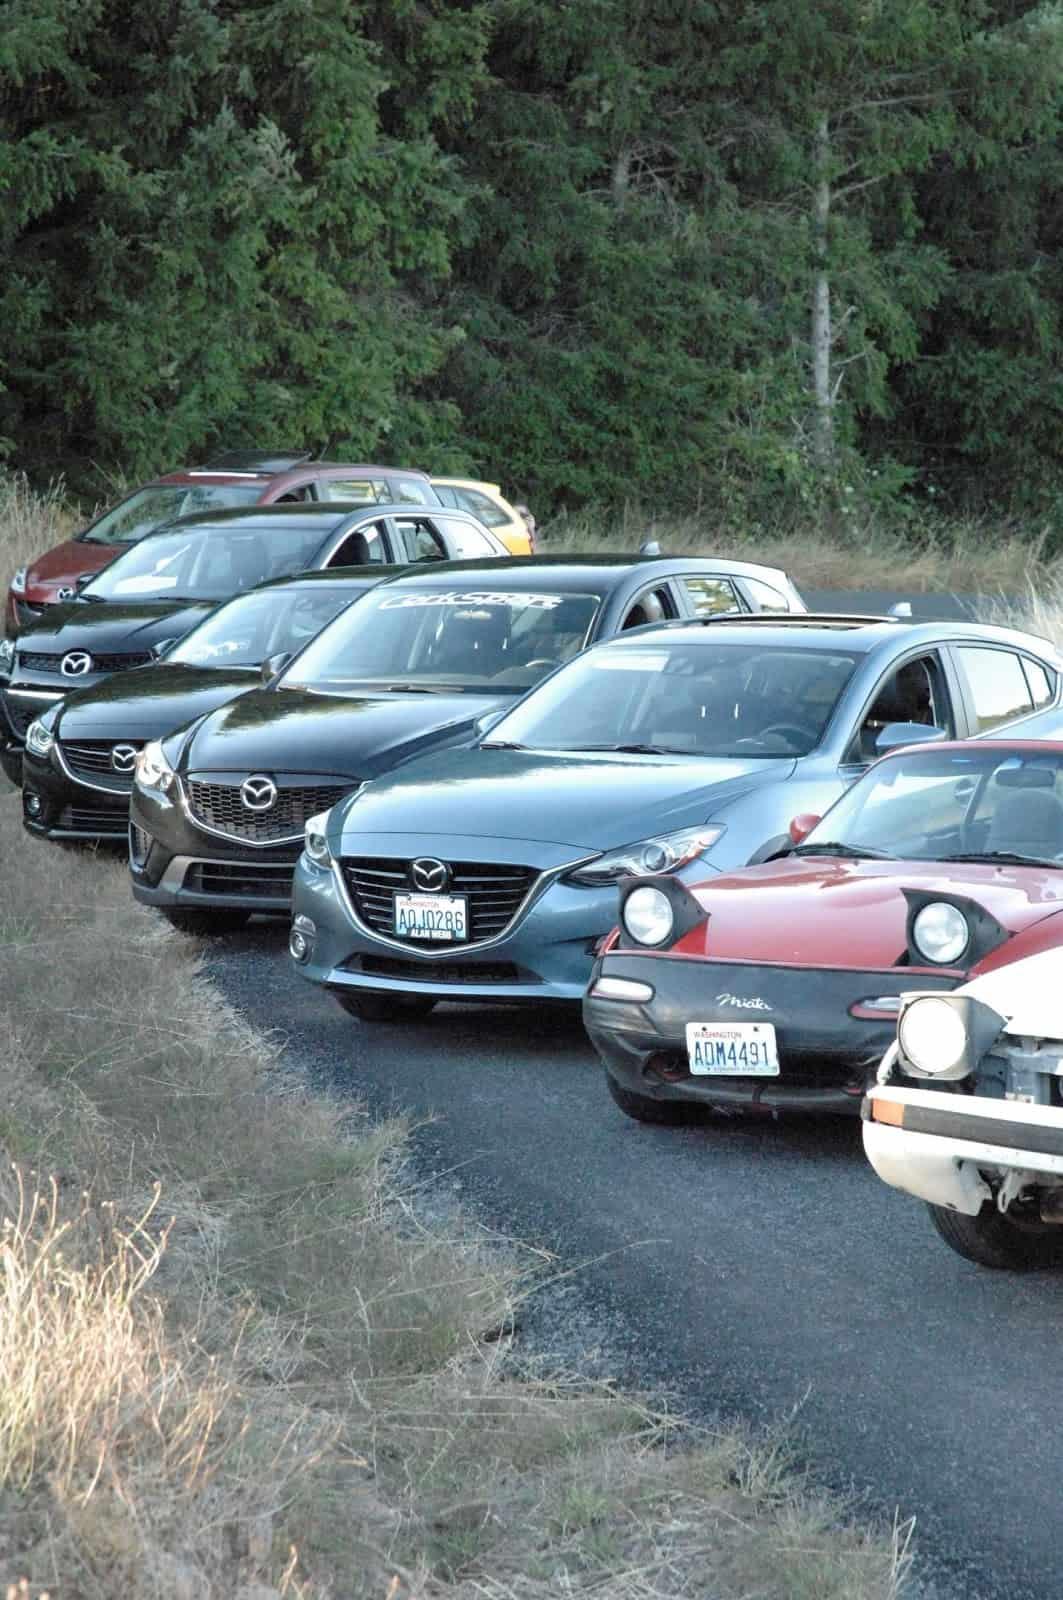 CorkSport's Mazda family.